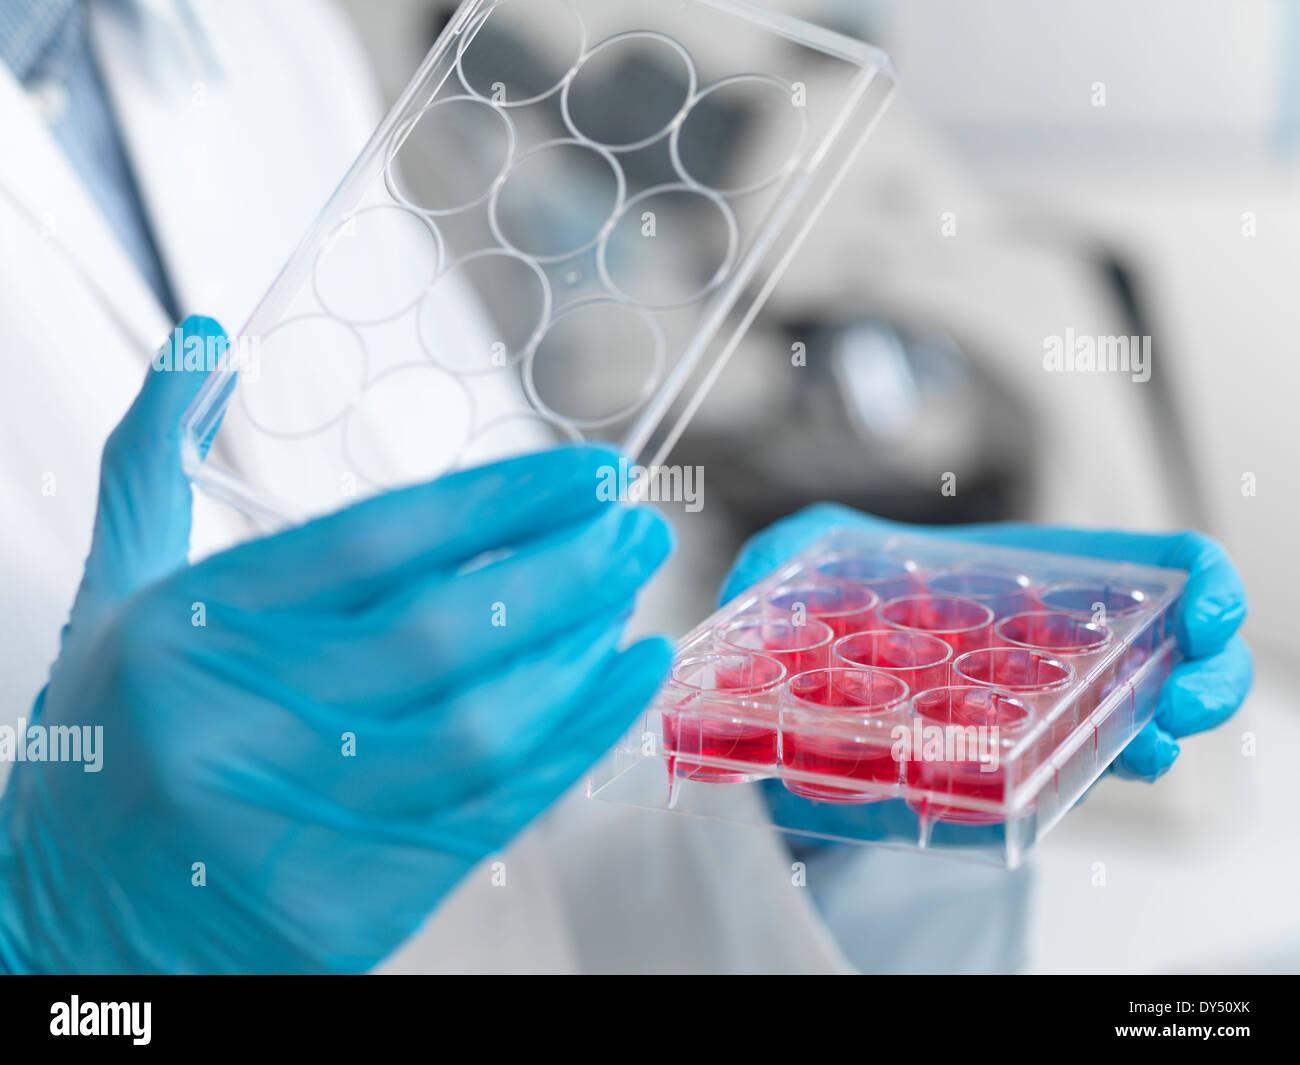 La recherche sur les cellules souches. Close up of female scientist examining cell cultures dans le bac multi-puits Photo Stock